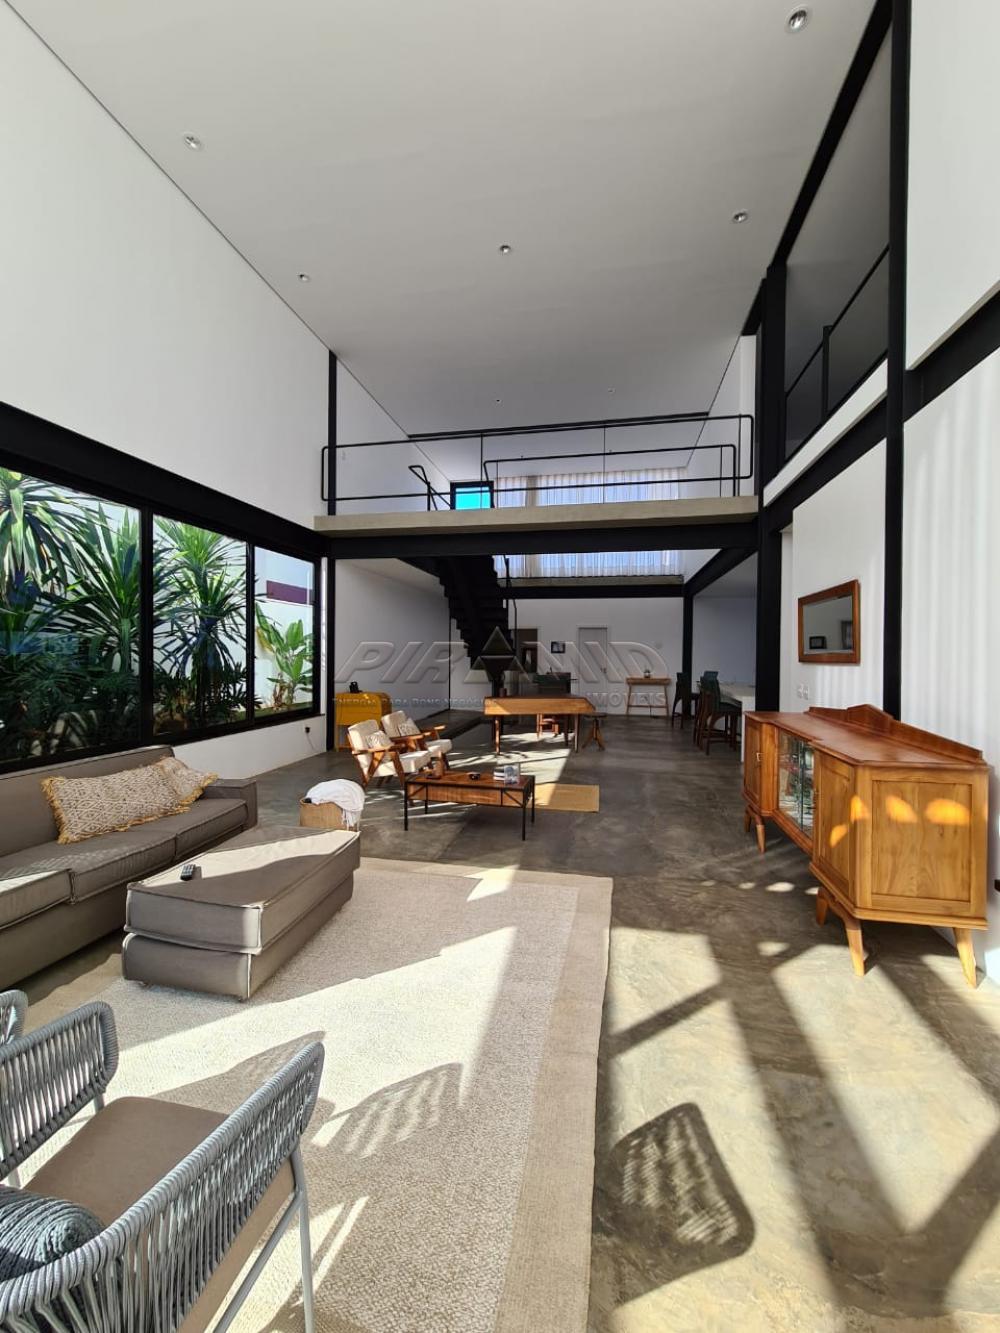 Comprar Casa / Condomínio em Bonfim Paulista R$ 2.500.000,00 - Foto 2